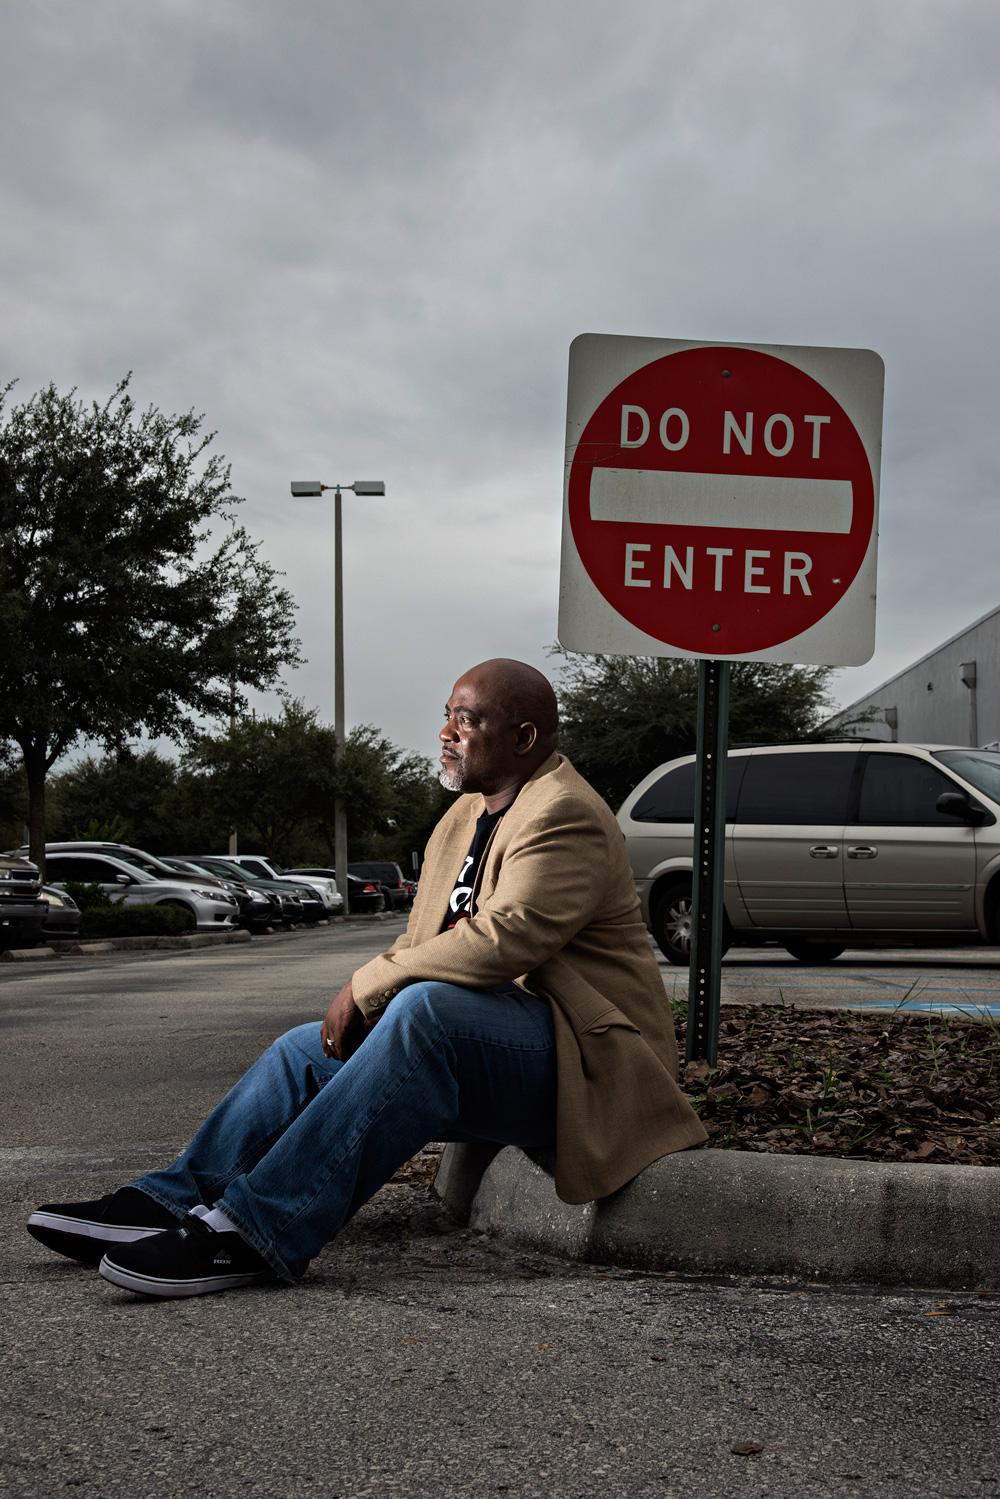 Desmond Meade, 48 ans, a dépose plus de 300 requêtes signées pour la restitution des droits au bureau du responsable des élections, comté de Hillsborough, 4 décembre 2015. Photo: Melissa Lyttle for The Intercept